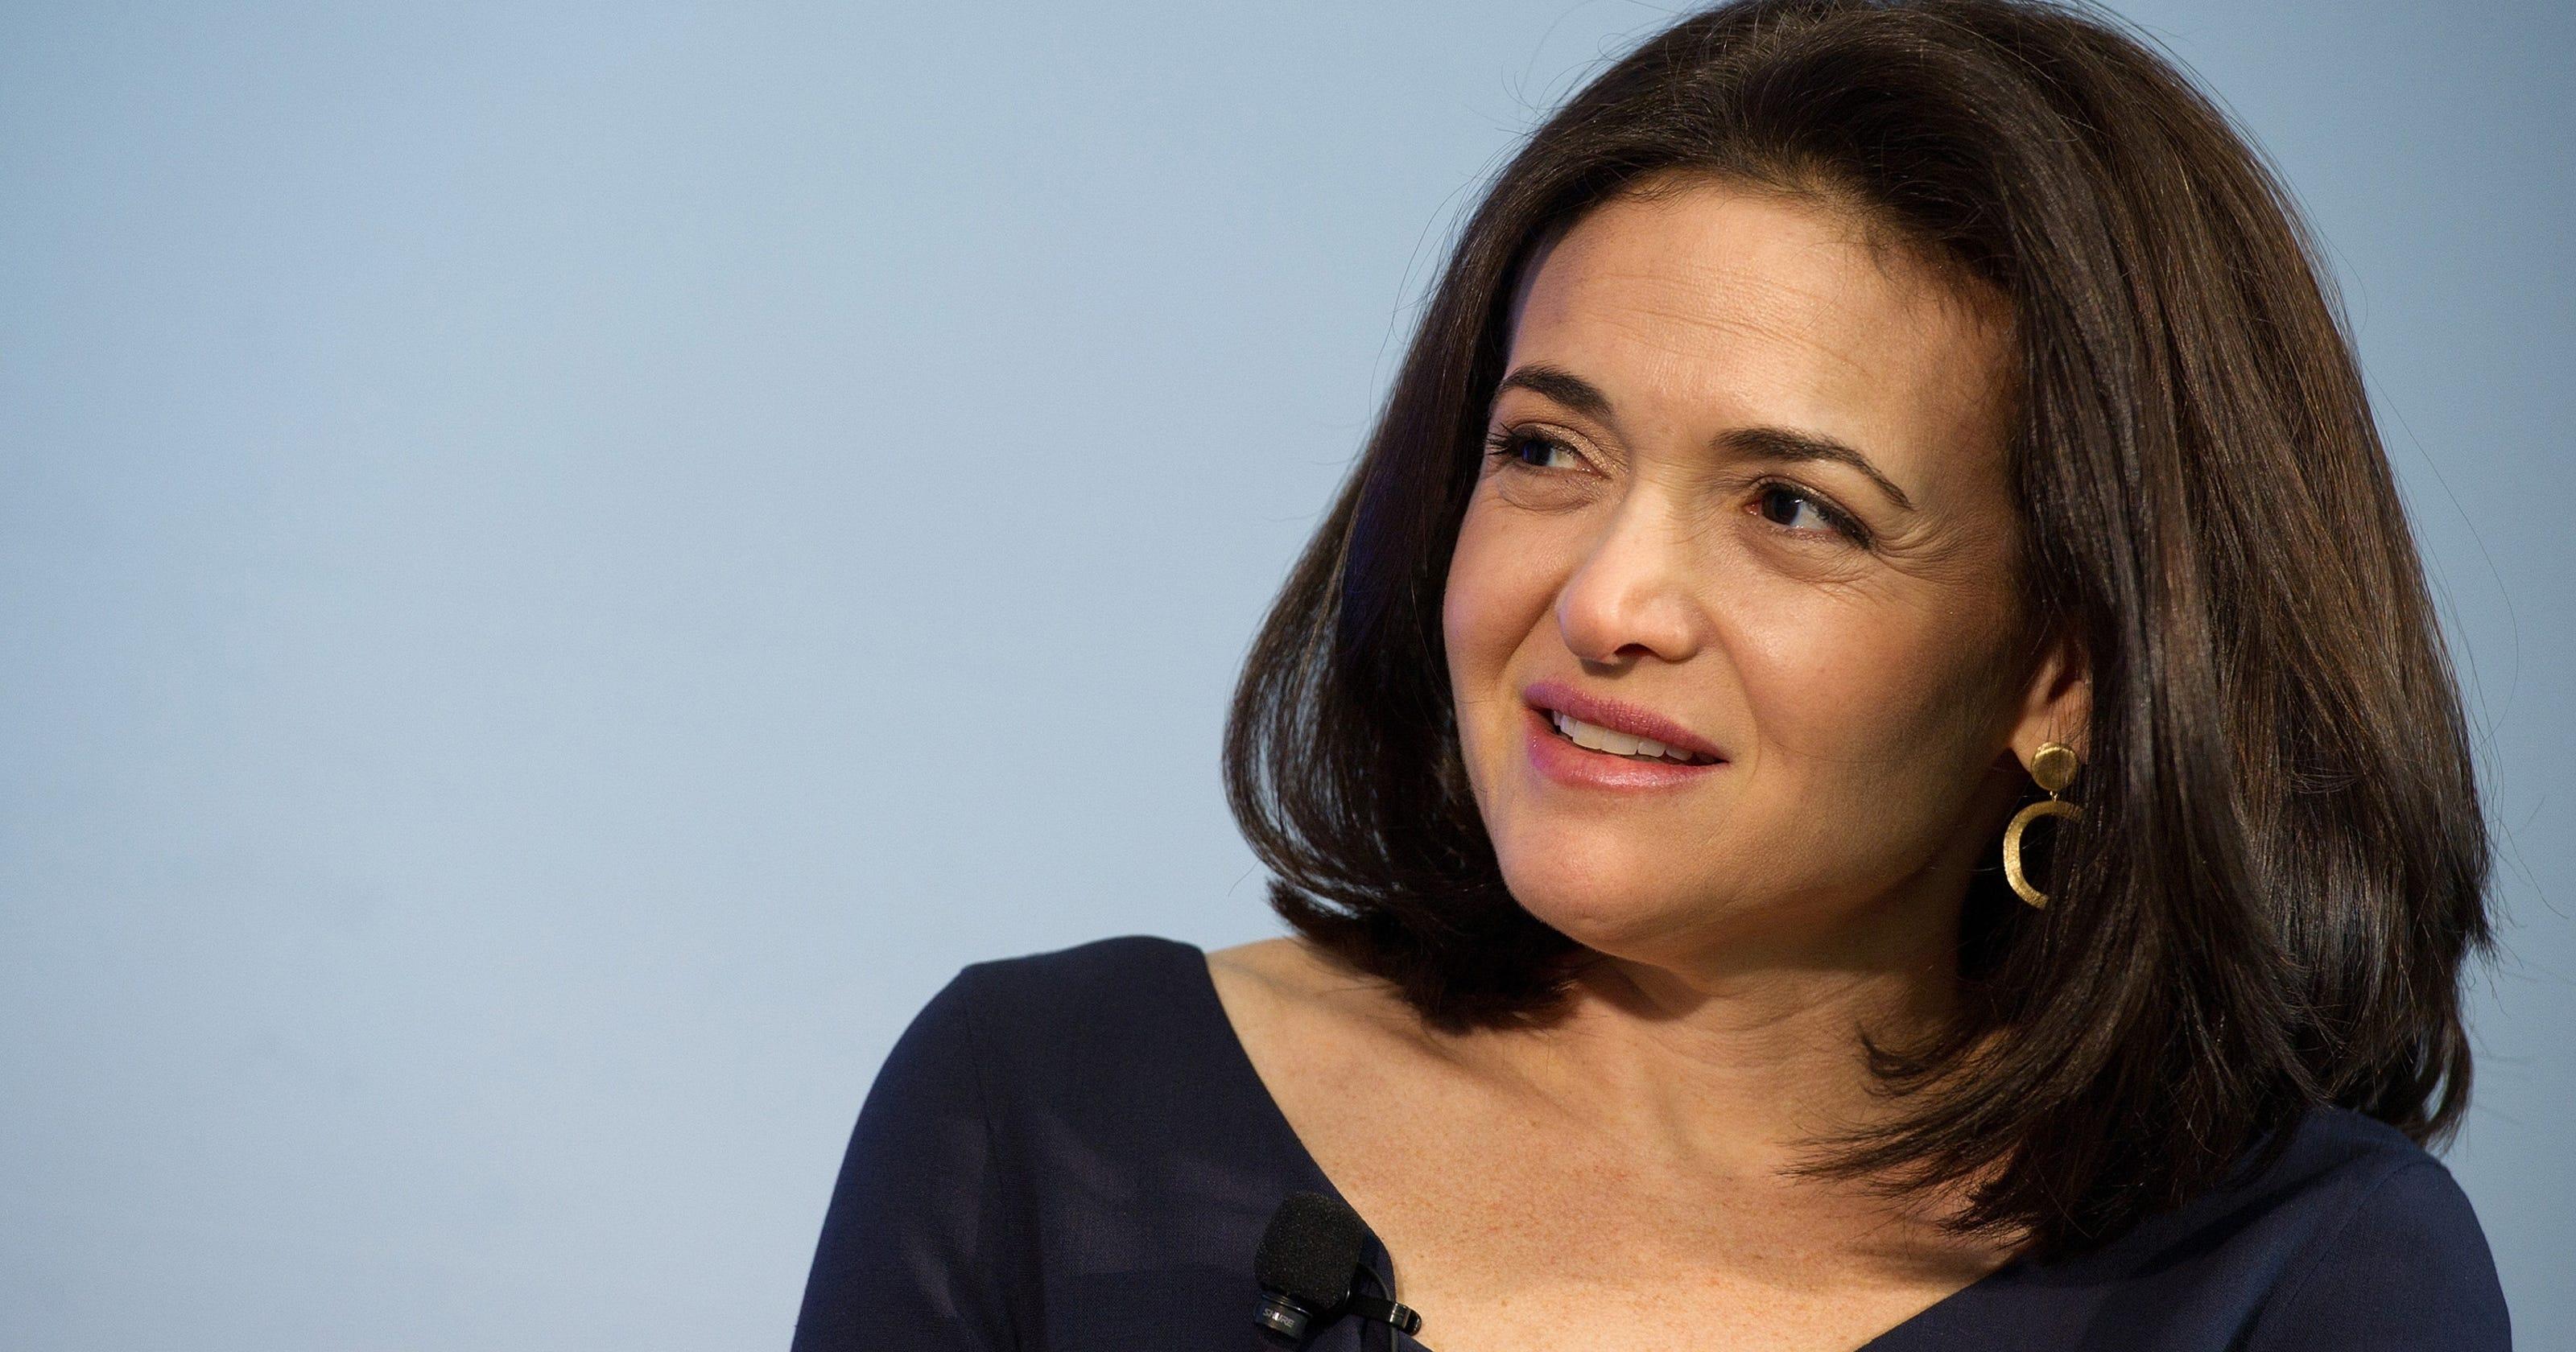 Facebook exec Sheryl Sandberg: $845 million a year